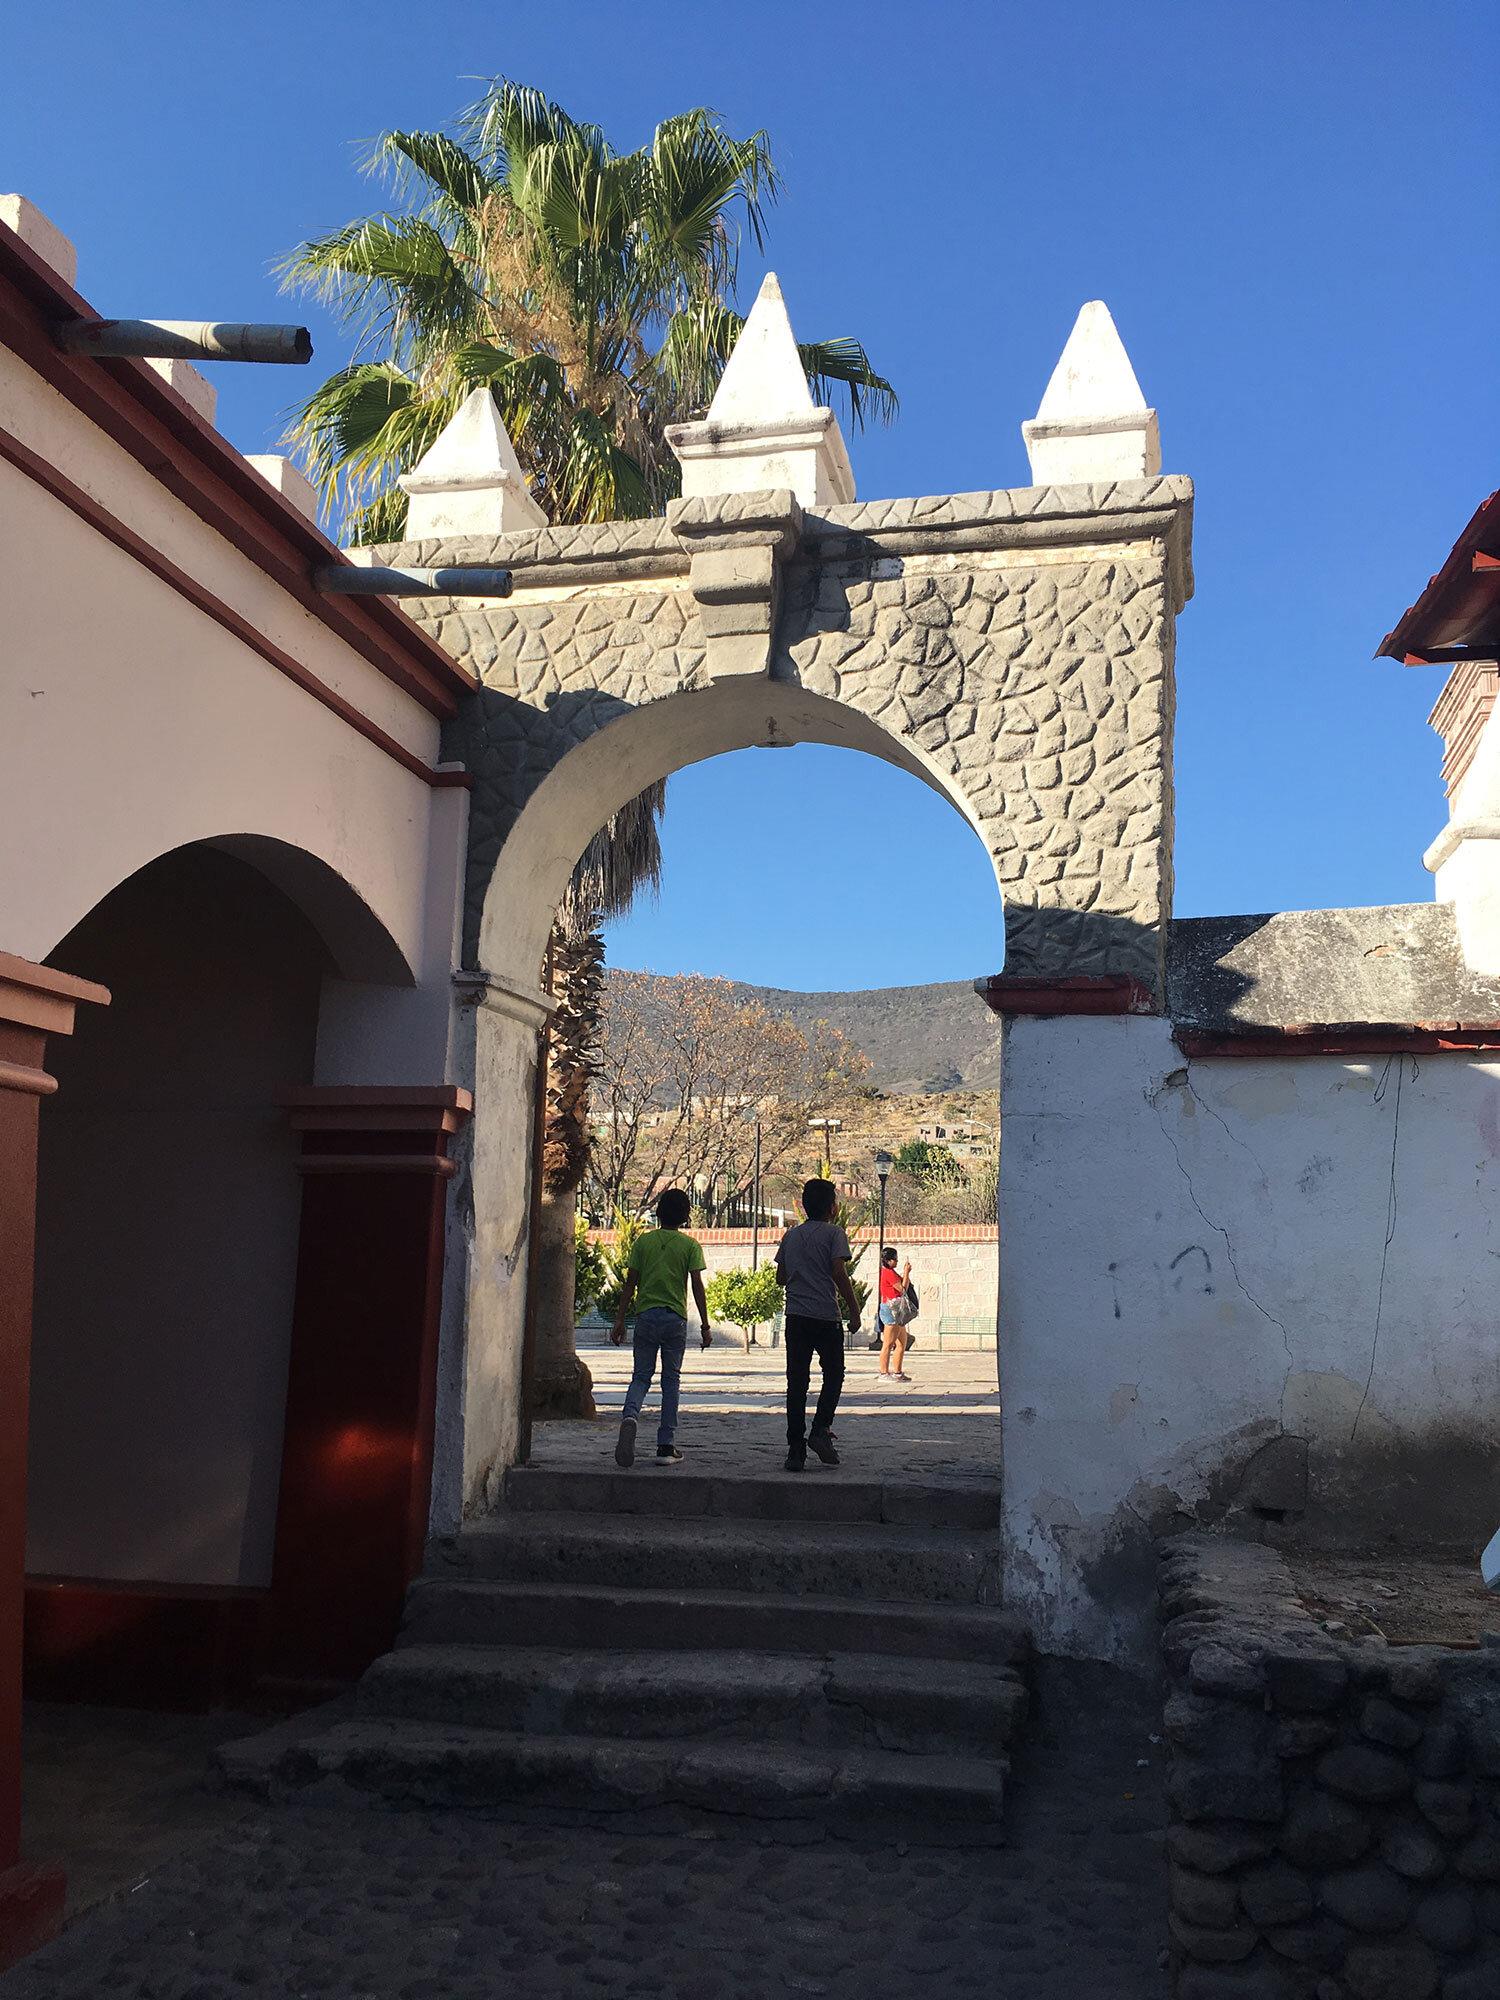 The church gate.